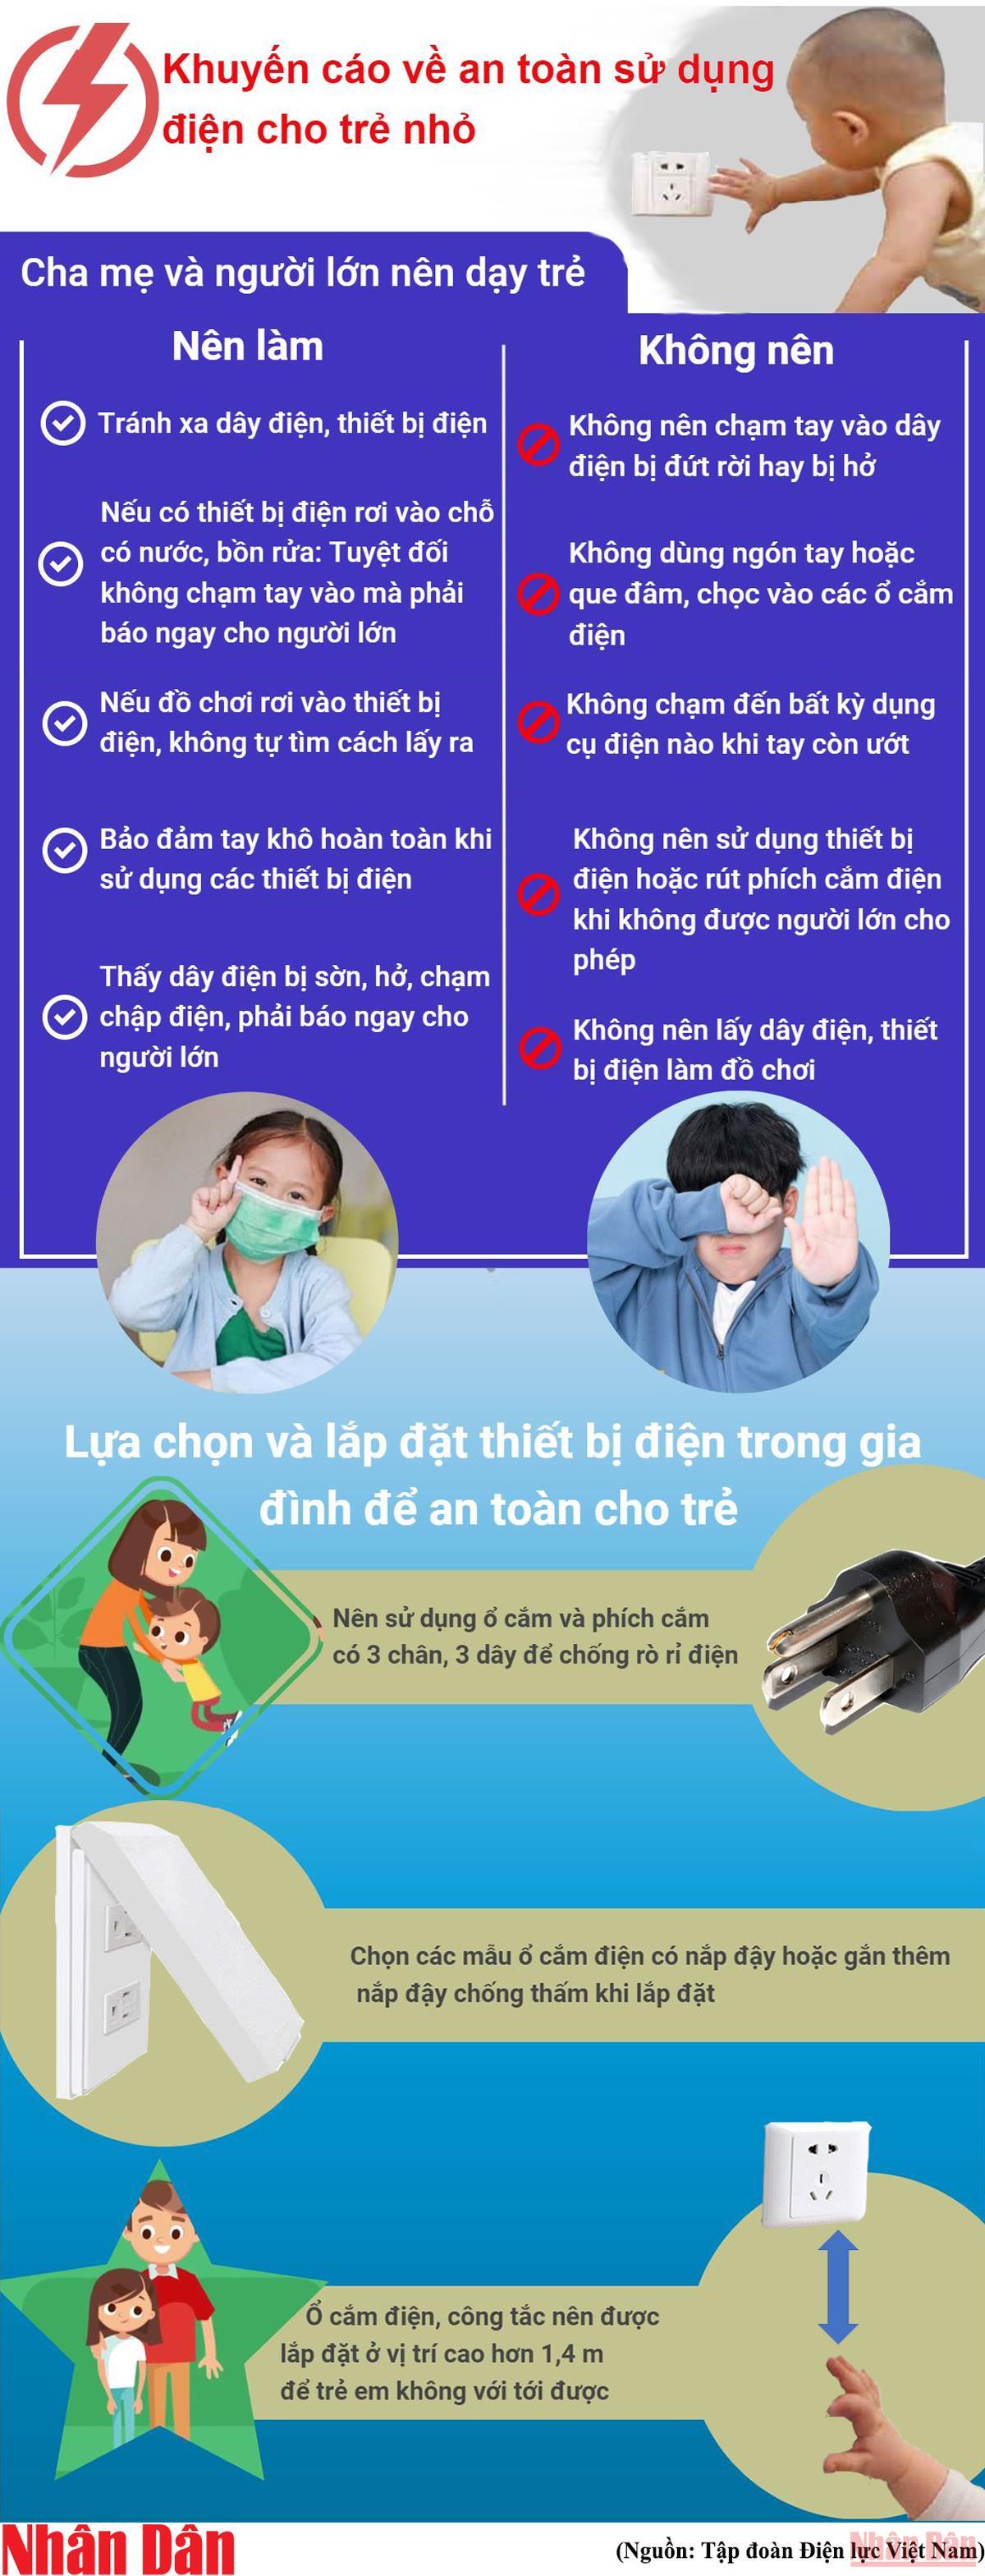 [Infographic] Khuyến cáo về an toàn sử dụng điện cho trẻ nhỏ -0